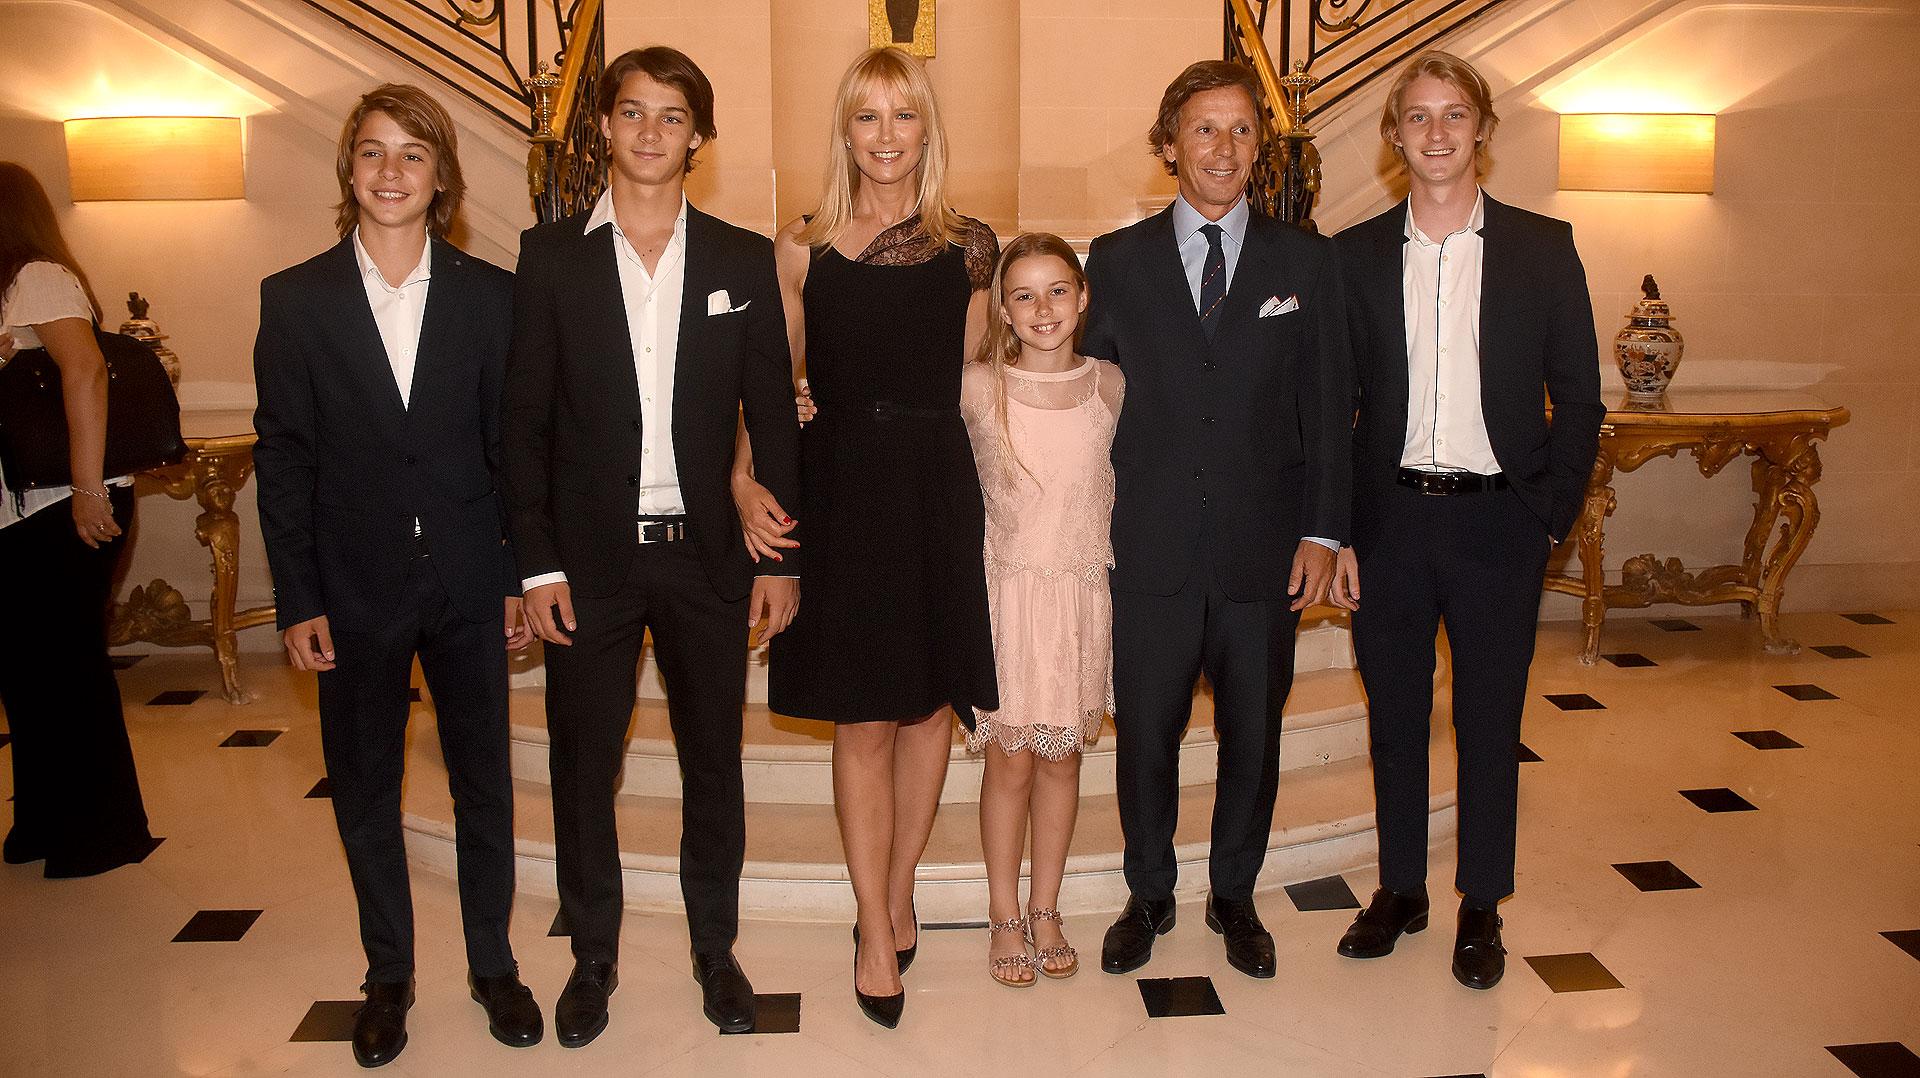 Familia modelo: Valeria Mazza y Alejandro Gravier junto a sus cuatro hijos: Benicio, Tiziano, Taína y Balthazar